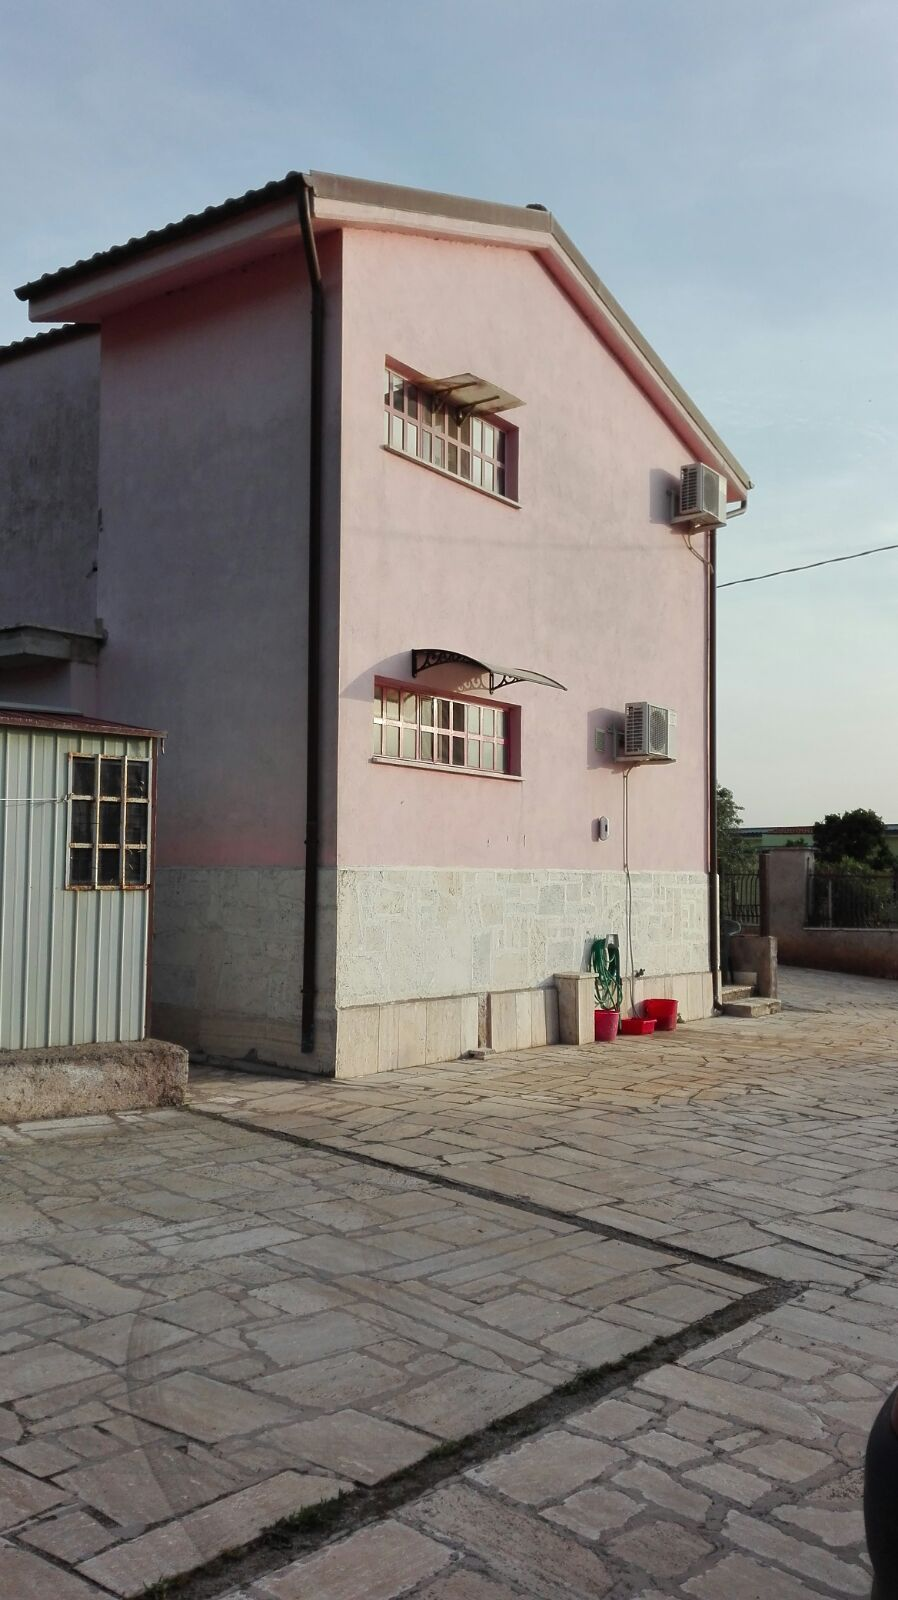 Soluzione Indipendente in vendita a Marcellina, 3 locali, zona Località: Paese, prezzo € 135.000 | Cambio Casa.it